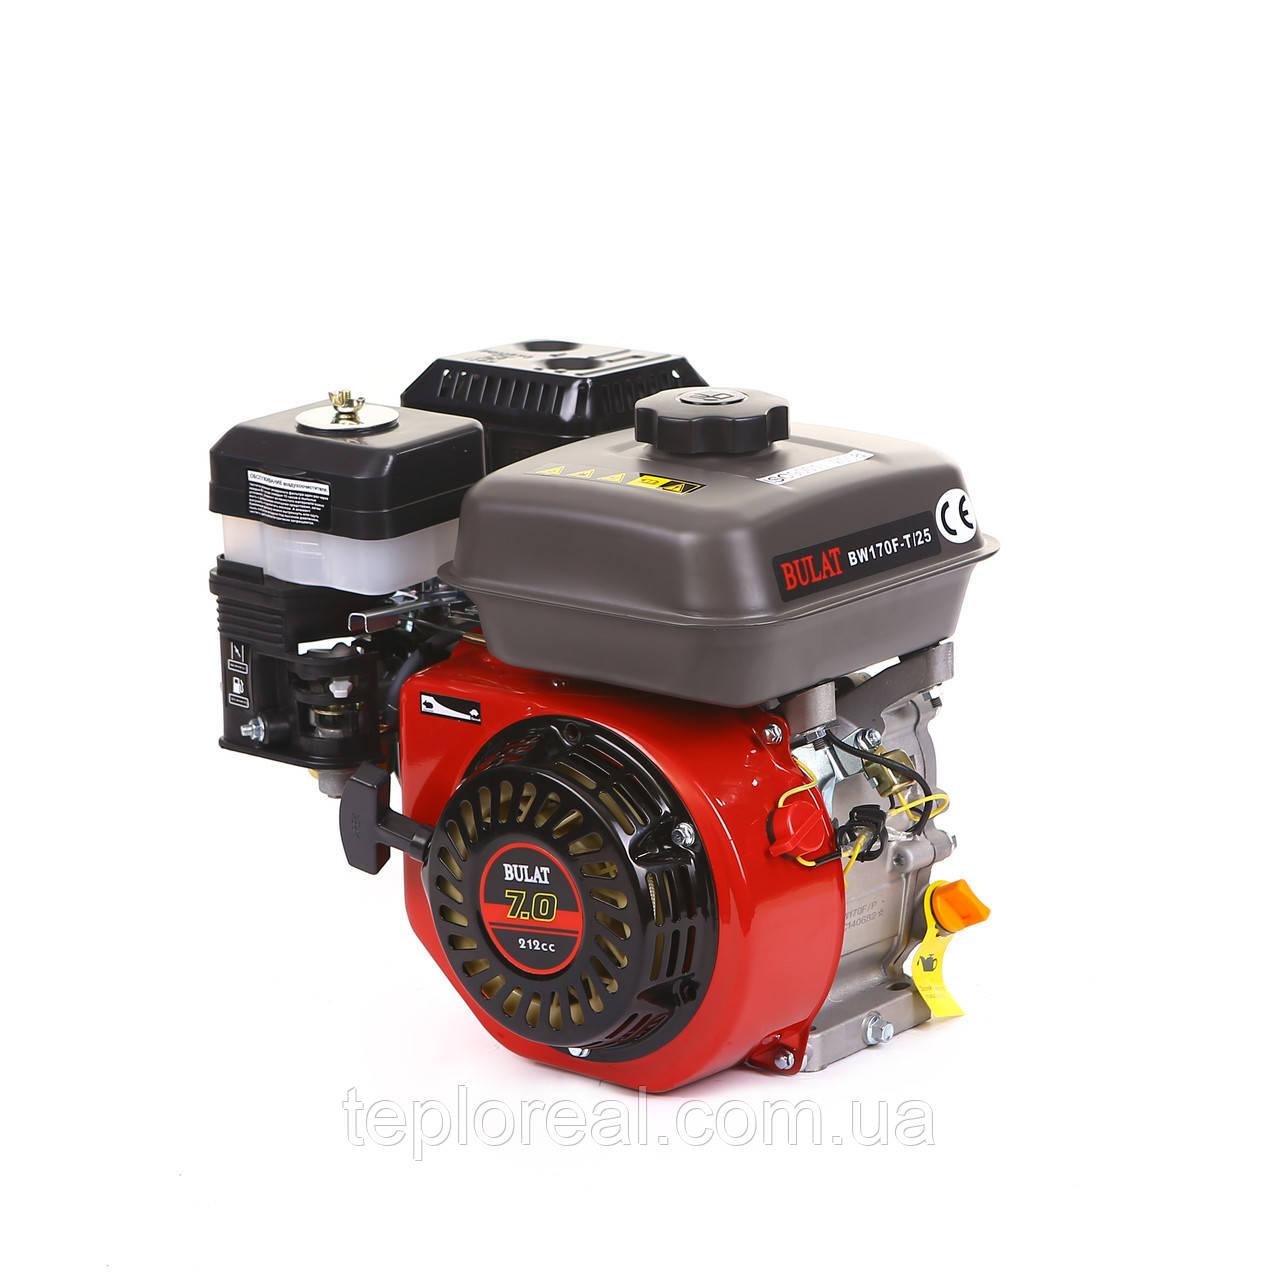 Двигатель бензиновый BULAT(WEIMA) BW170F-Т(7,5 л.с.под шлиц 25мм)